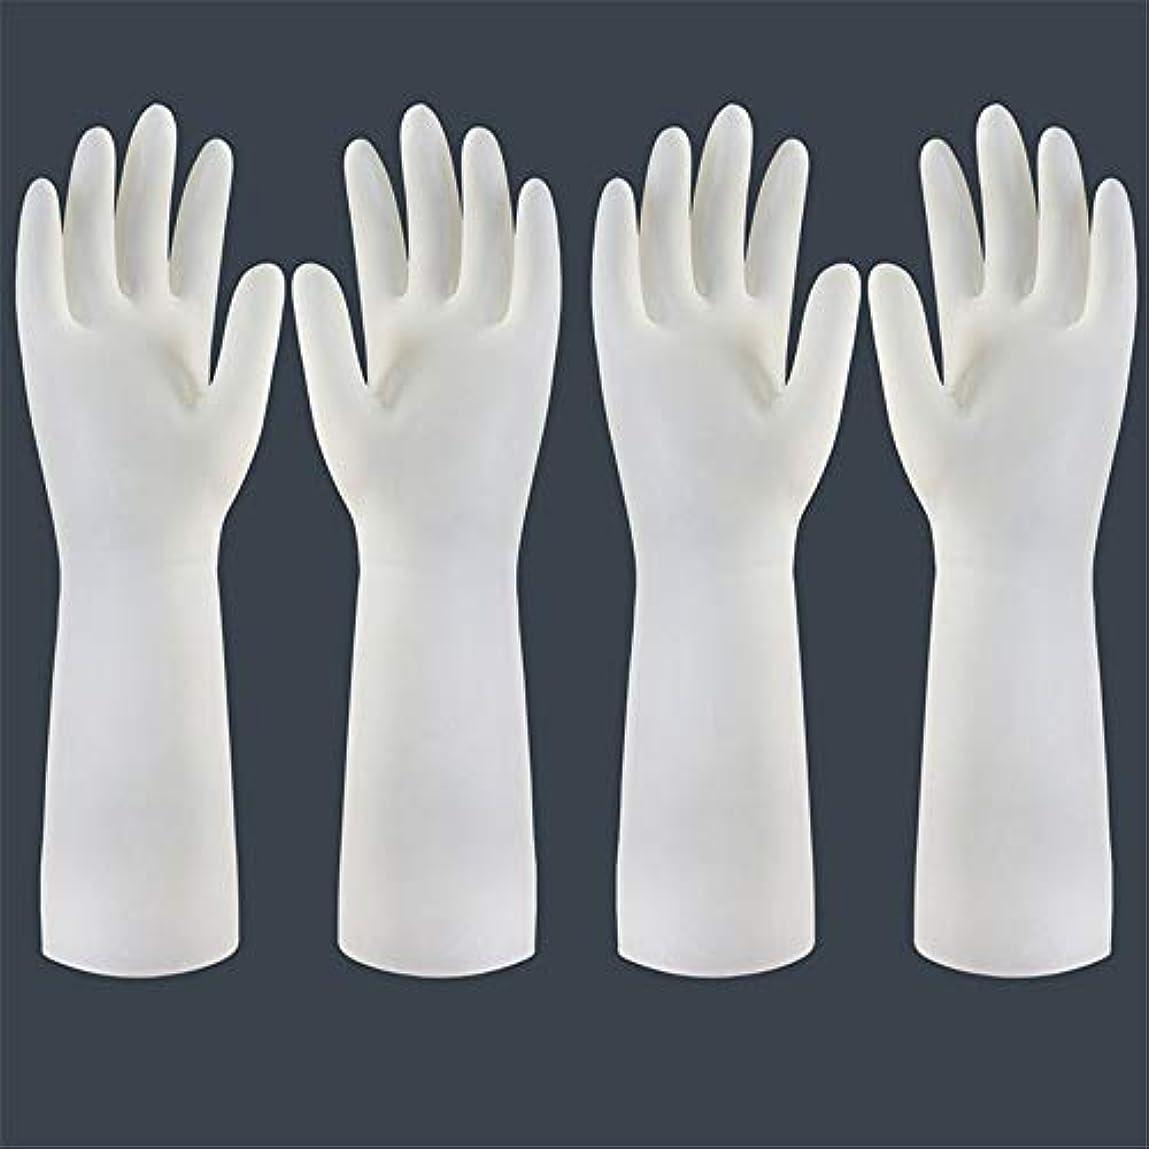 列車フォーラム産地使い捨て手袋 使い捨て手袋の防水および耐久のゴム製台所手袋、小/中/大 ニトリルゴム手袋 (Color : Long-2 pair, Size : S)